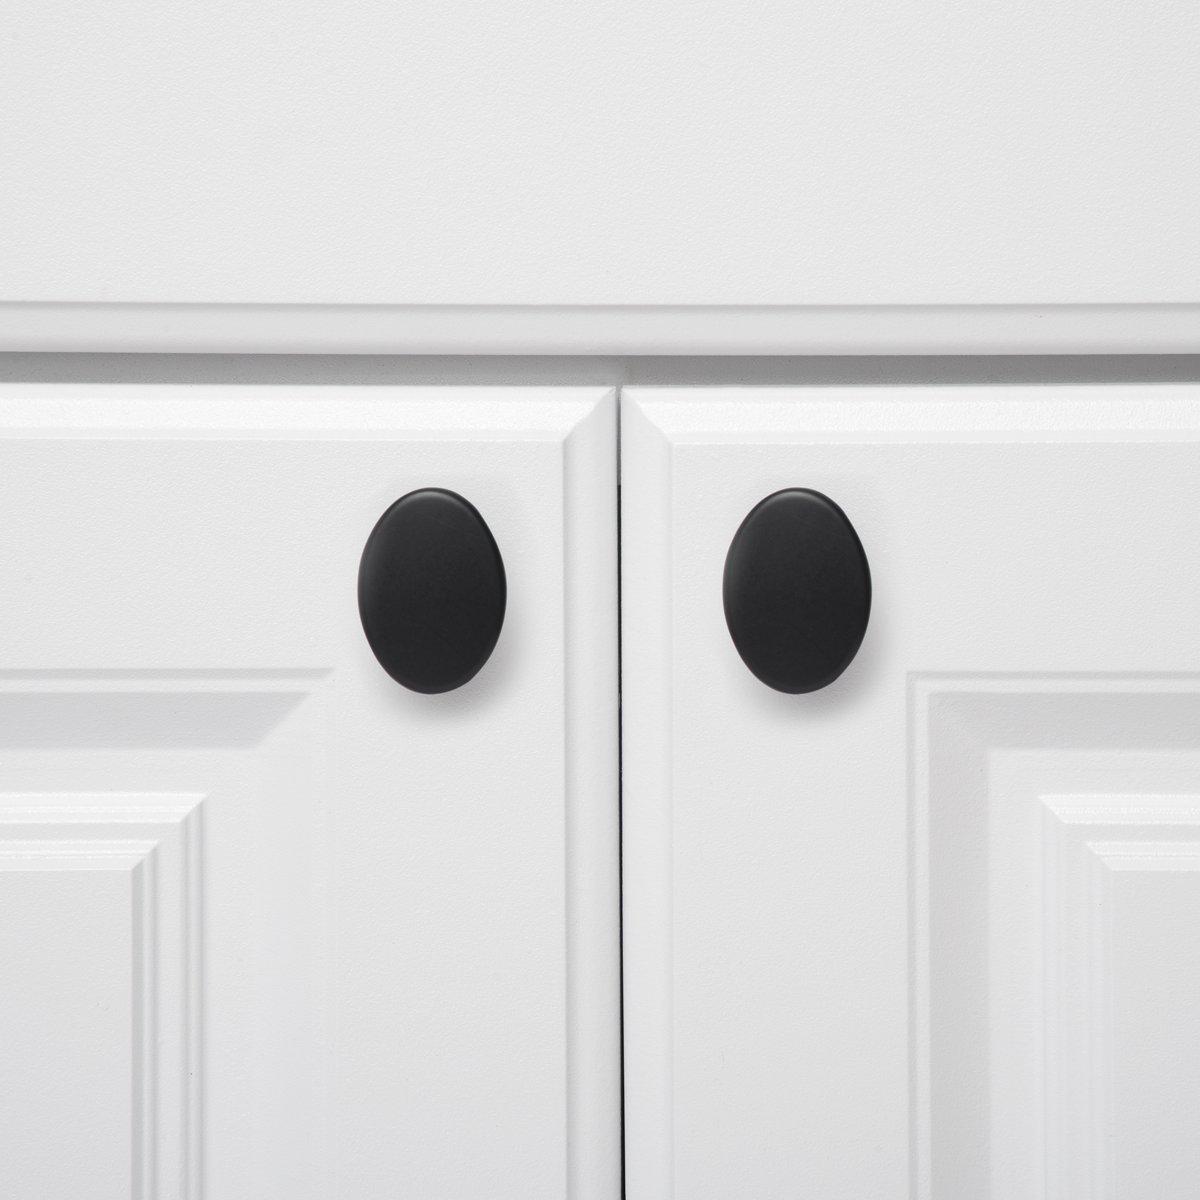 paquete de 25 negro liso Pomo de armario redondo y plano 3,66 cm de di/ámetro Basics